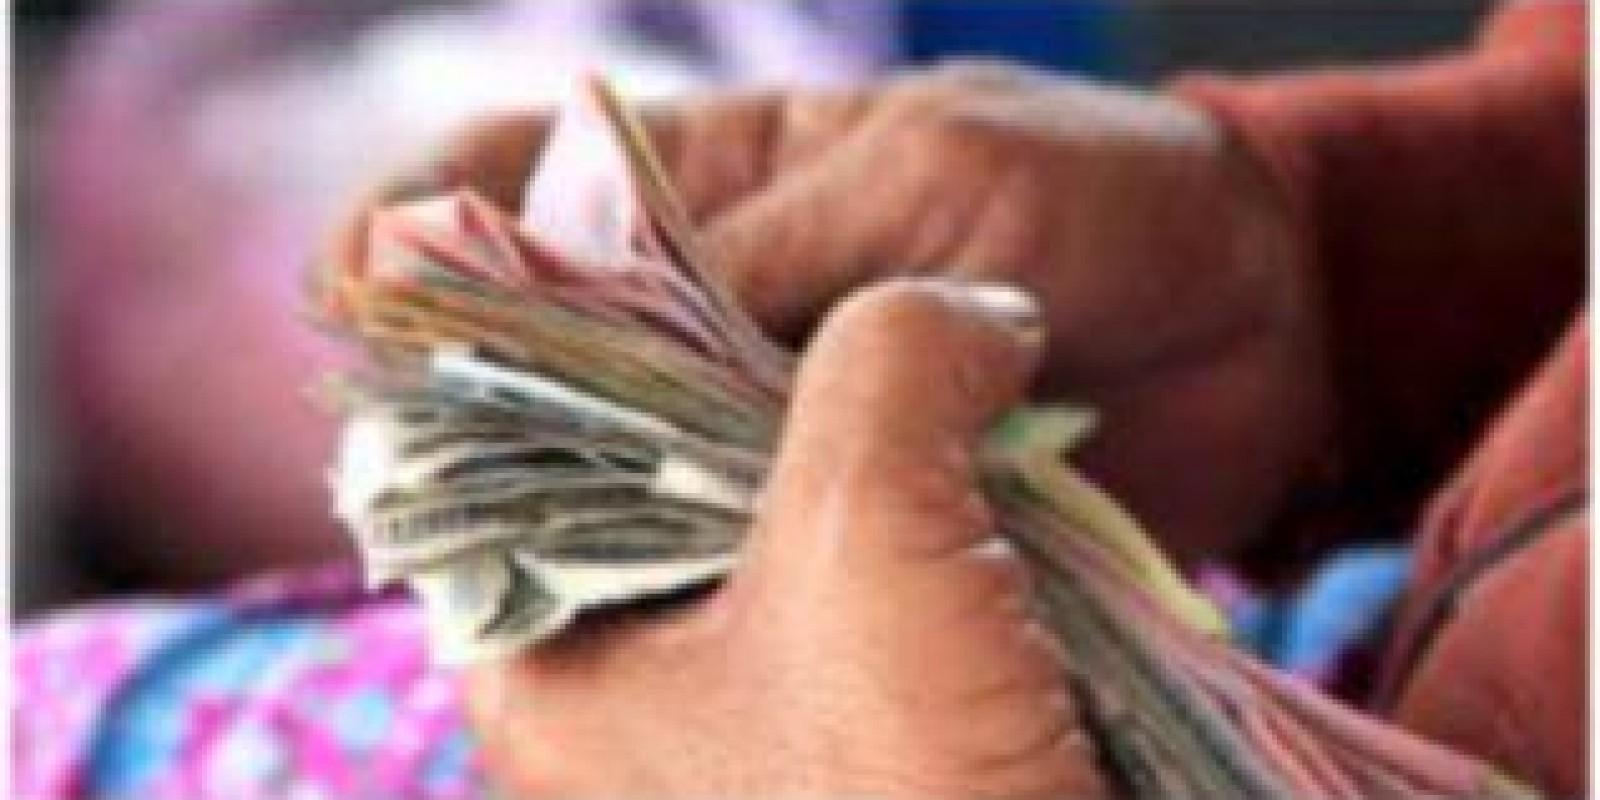 Moedas e notas de dinheiro podem transmitir coronavírus